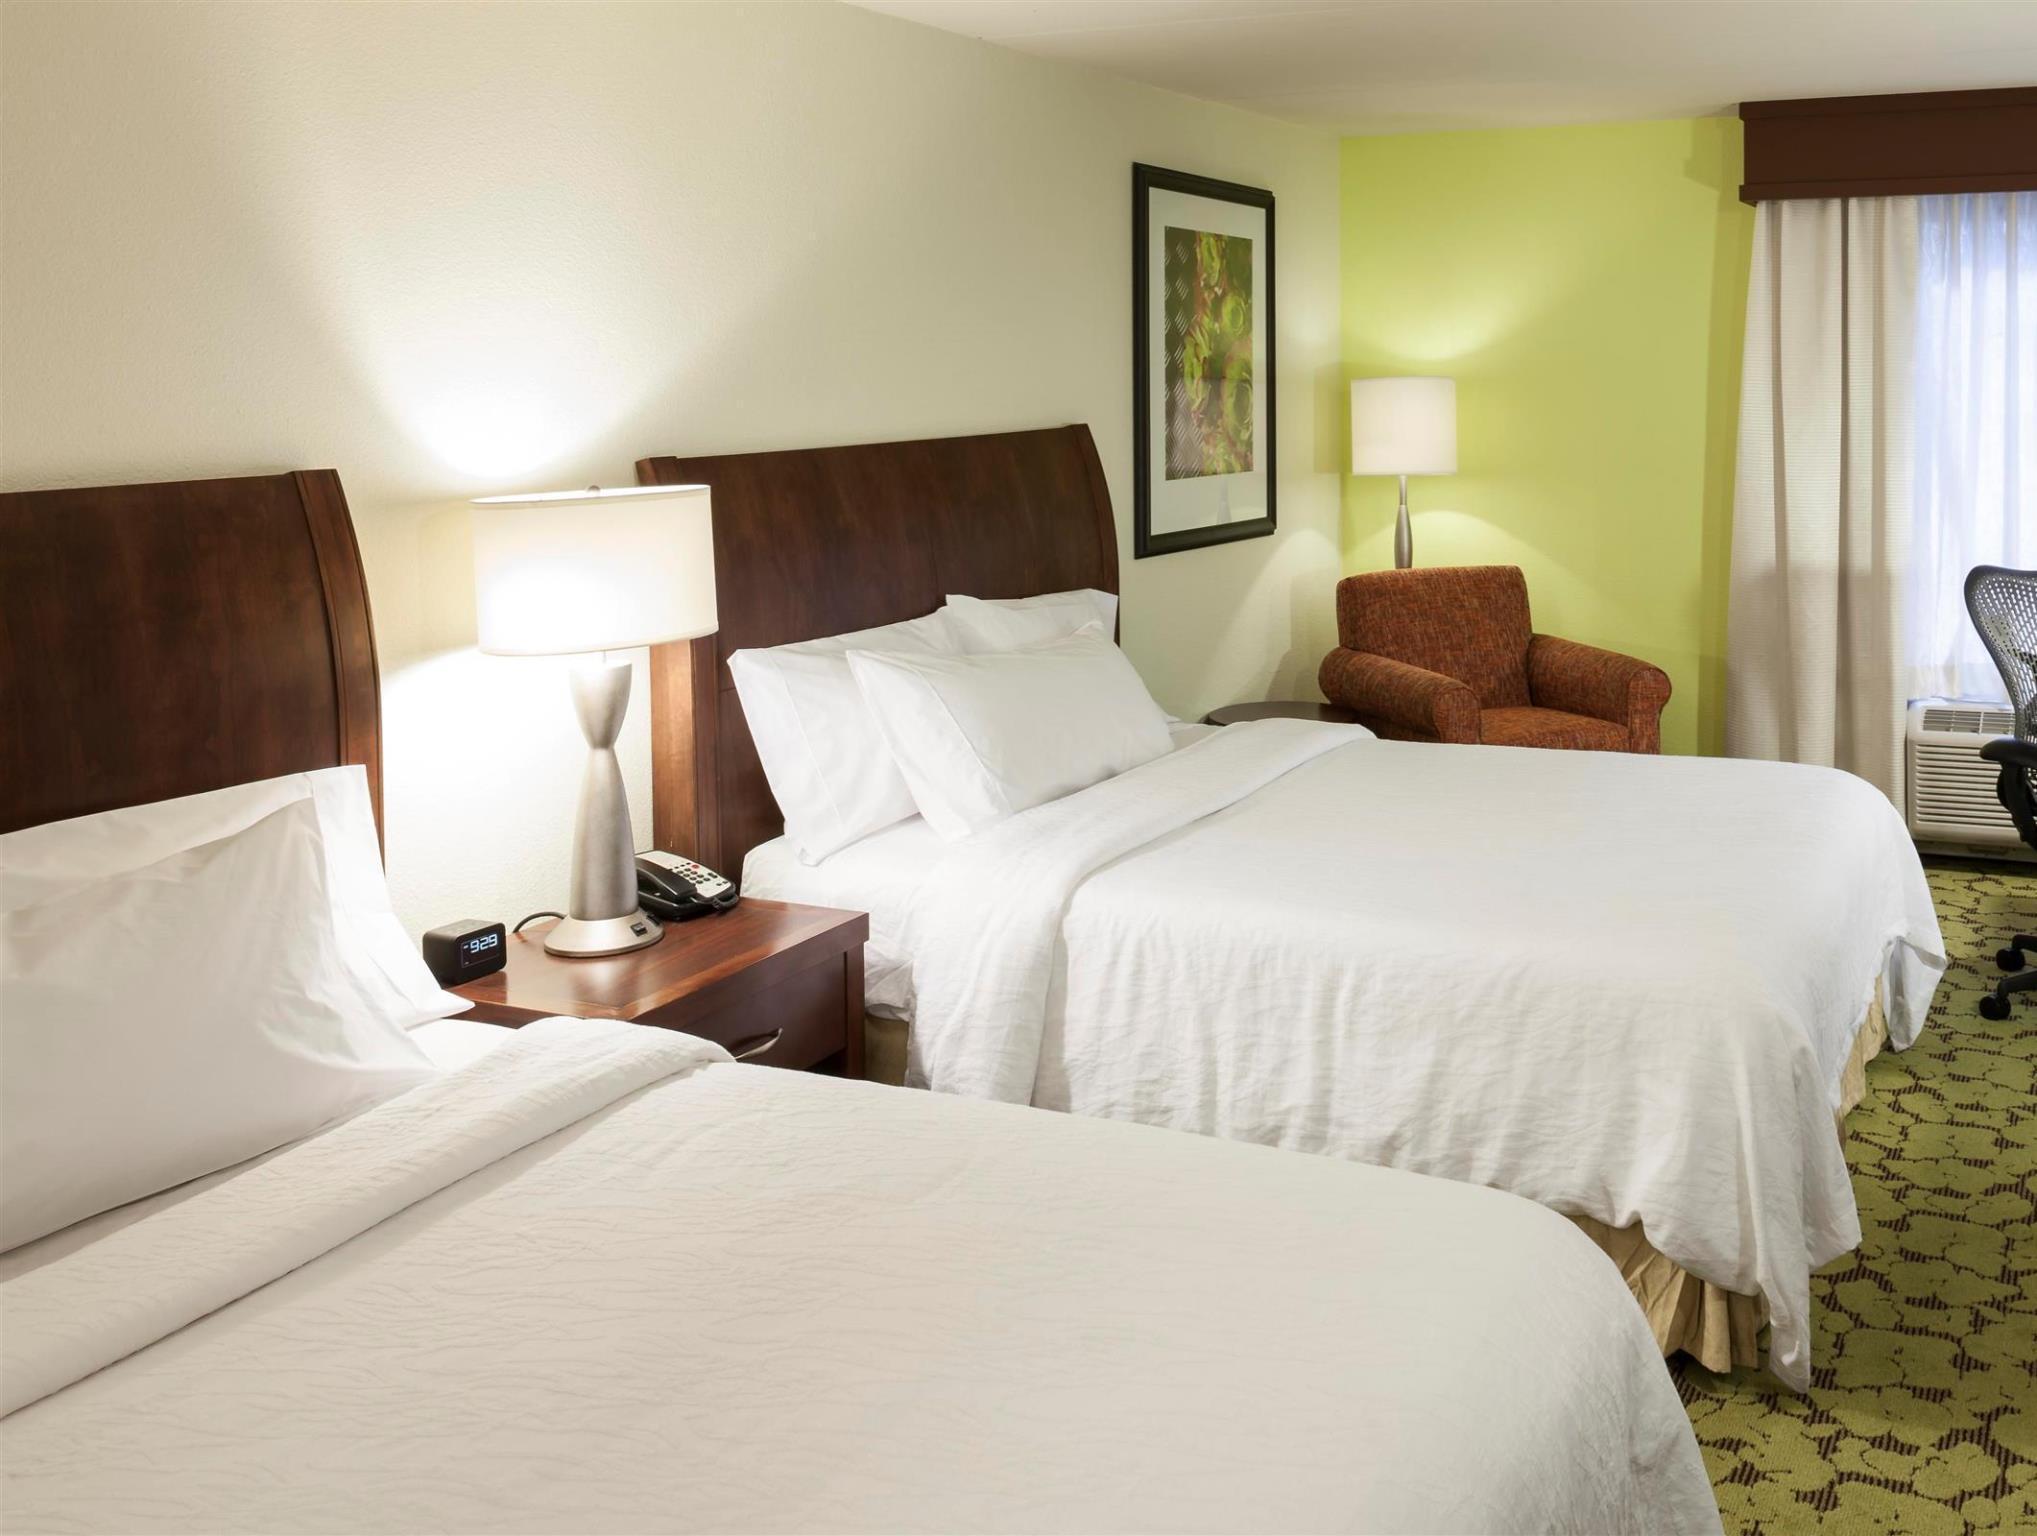 2 queen beds - Hilton Garden Inn Duncanville